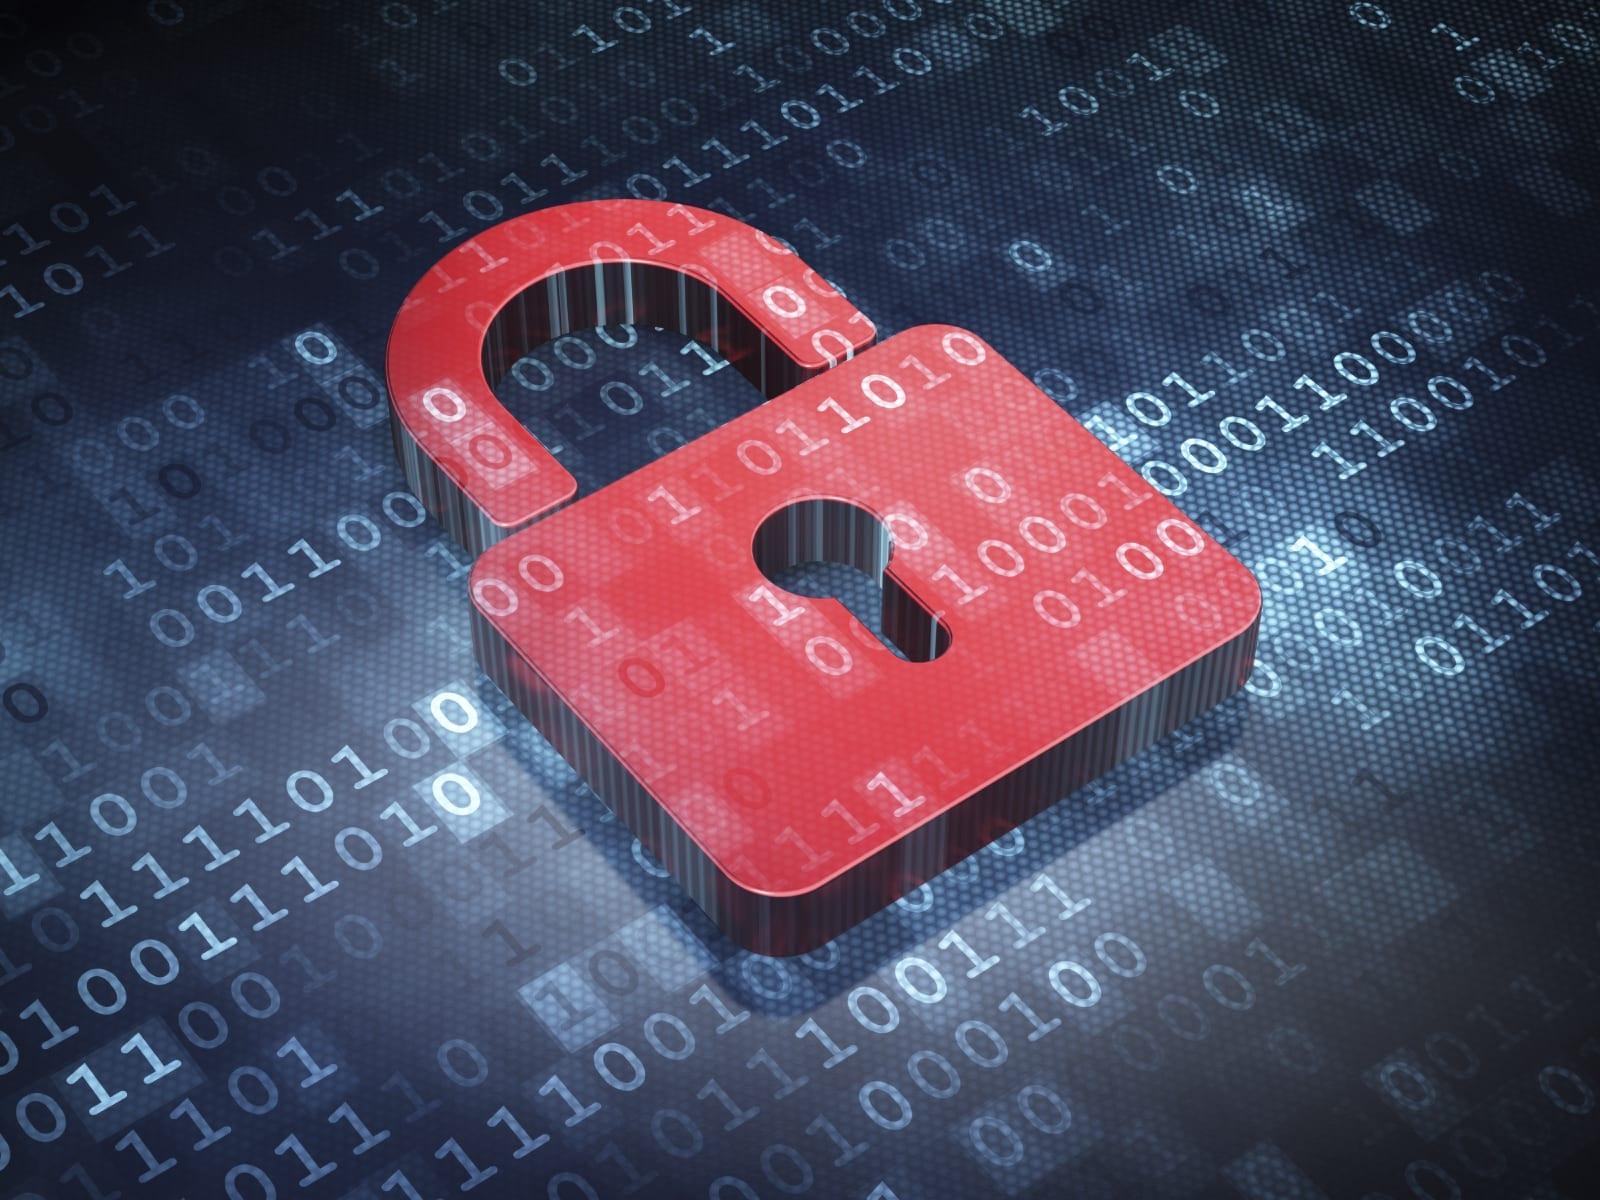 poodle-vulnerability-weve-disabled-sslv3-support-on-our-web-hosting-servers.jpg